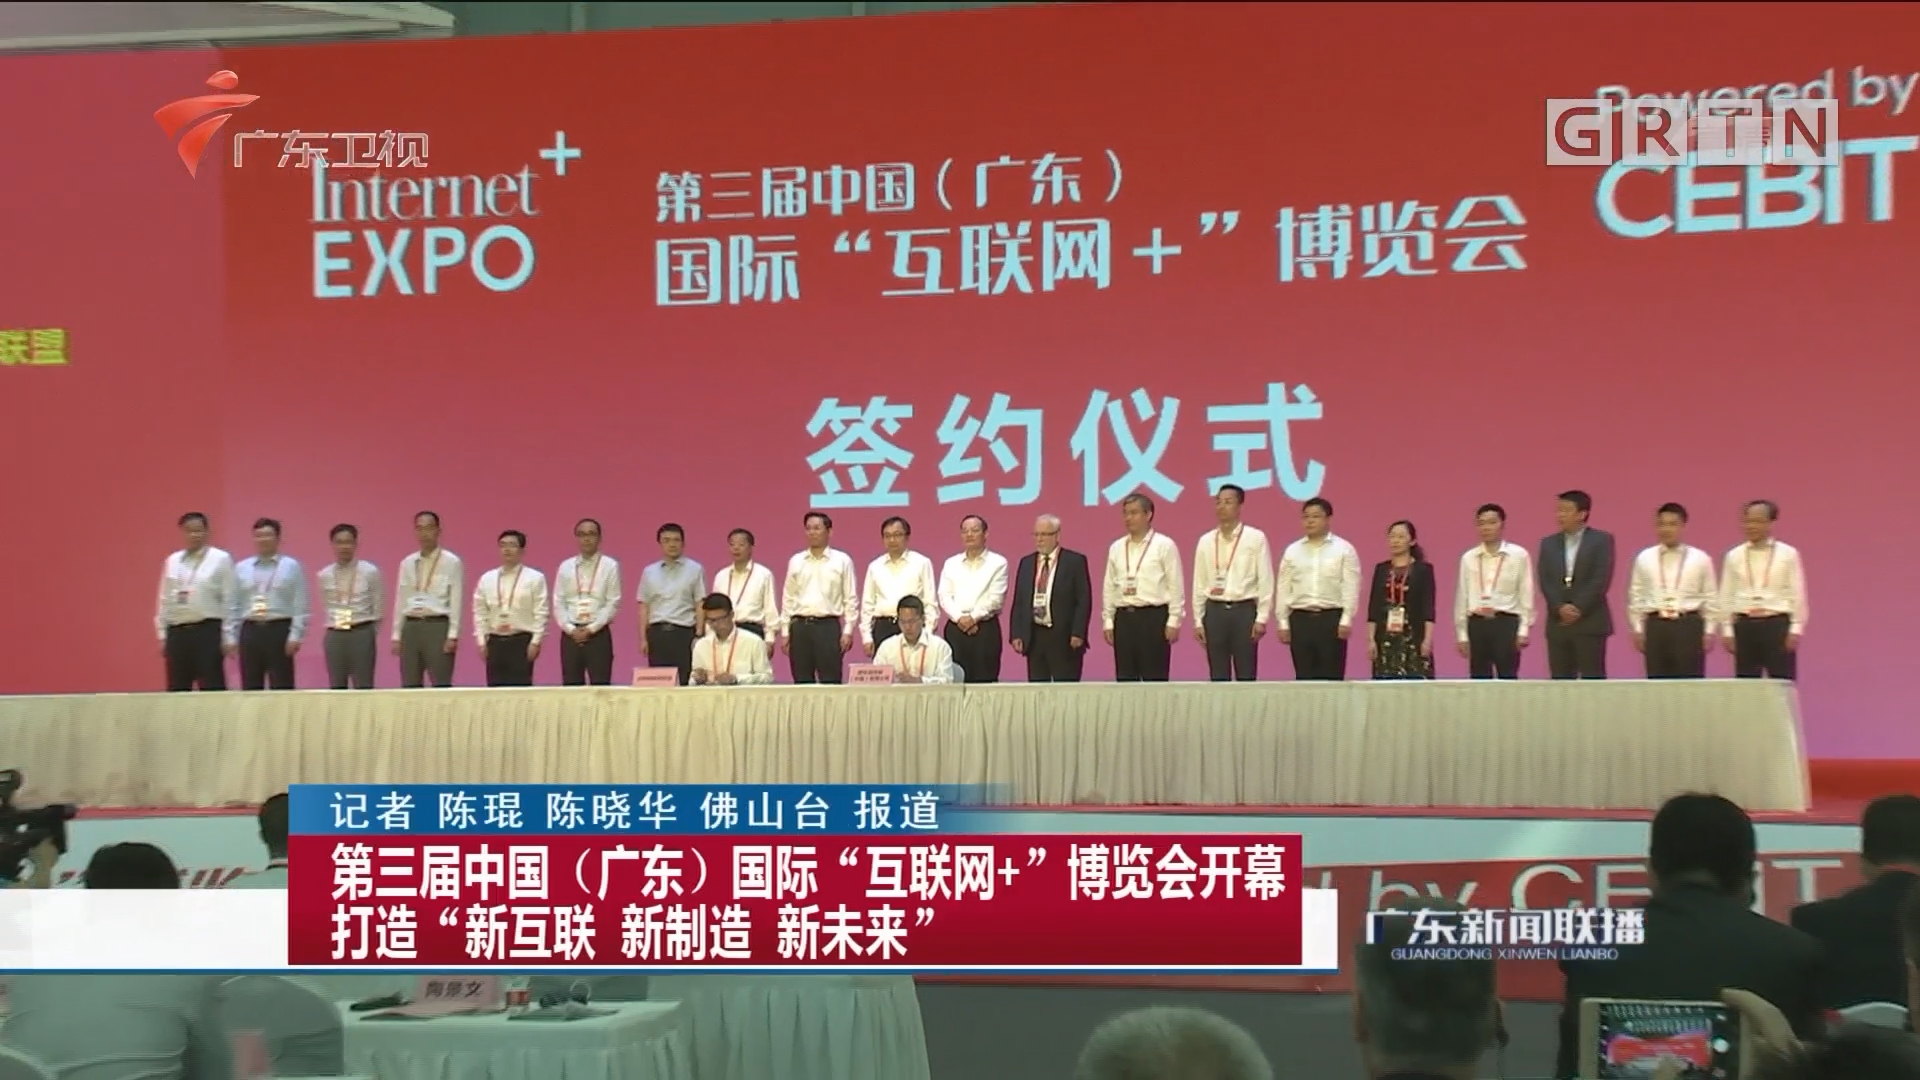 """第三届中国(广东)国际""""互联网+""""博览会开幕 打造""""新互联 新制造 新未来"""""""